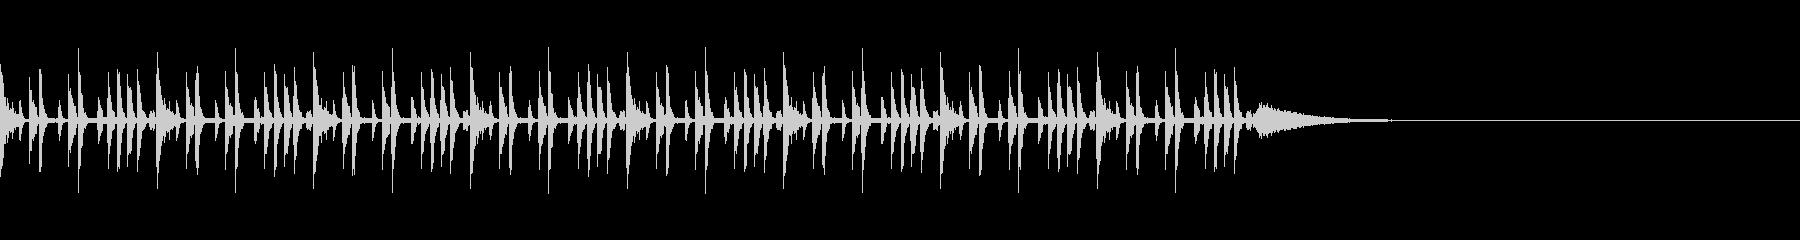 ニュース1(約30秒 ループ可)の未再生の波形